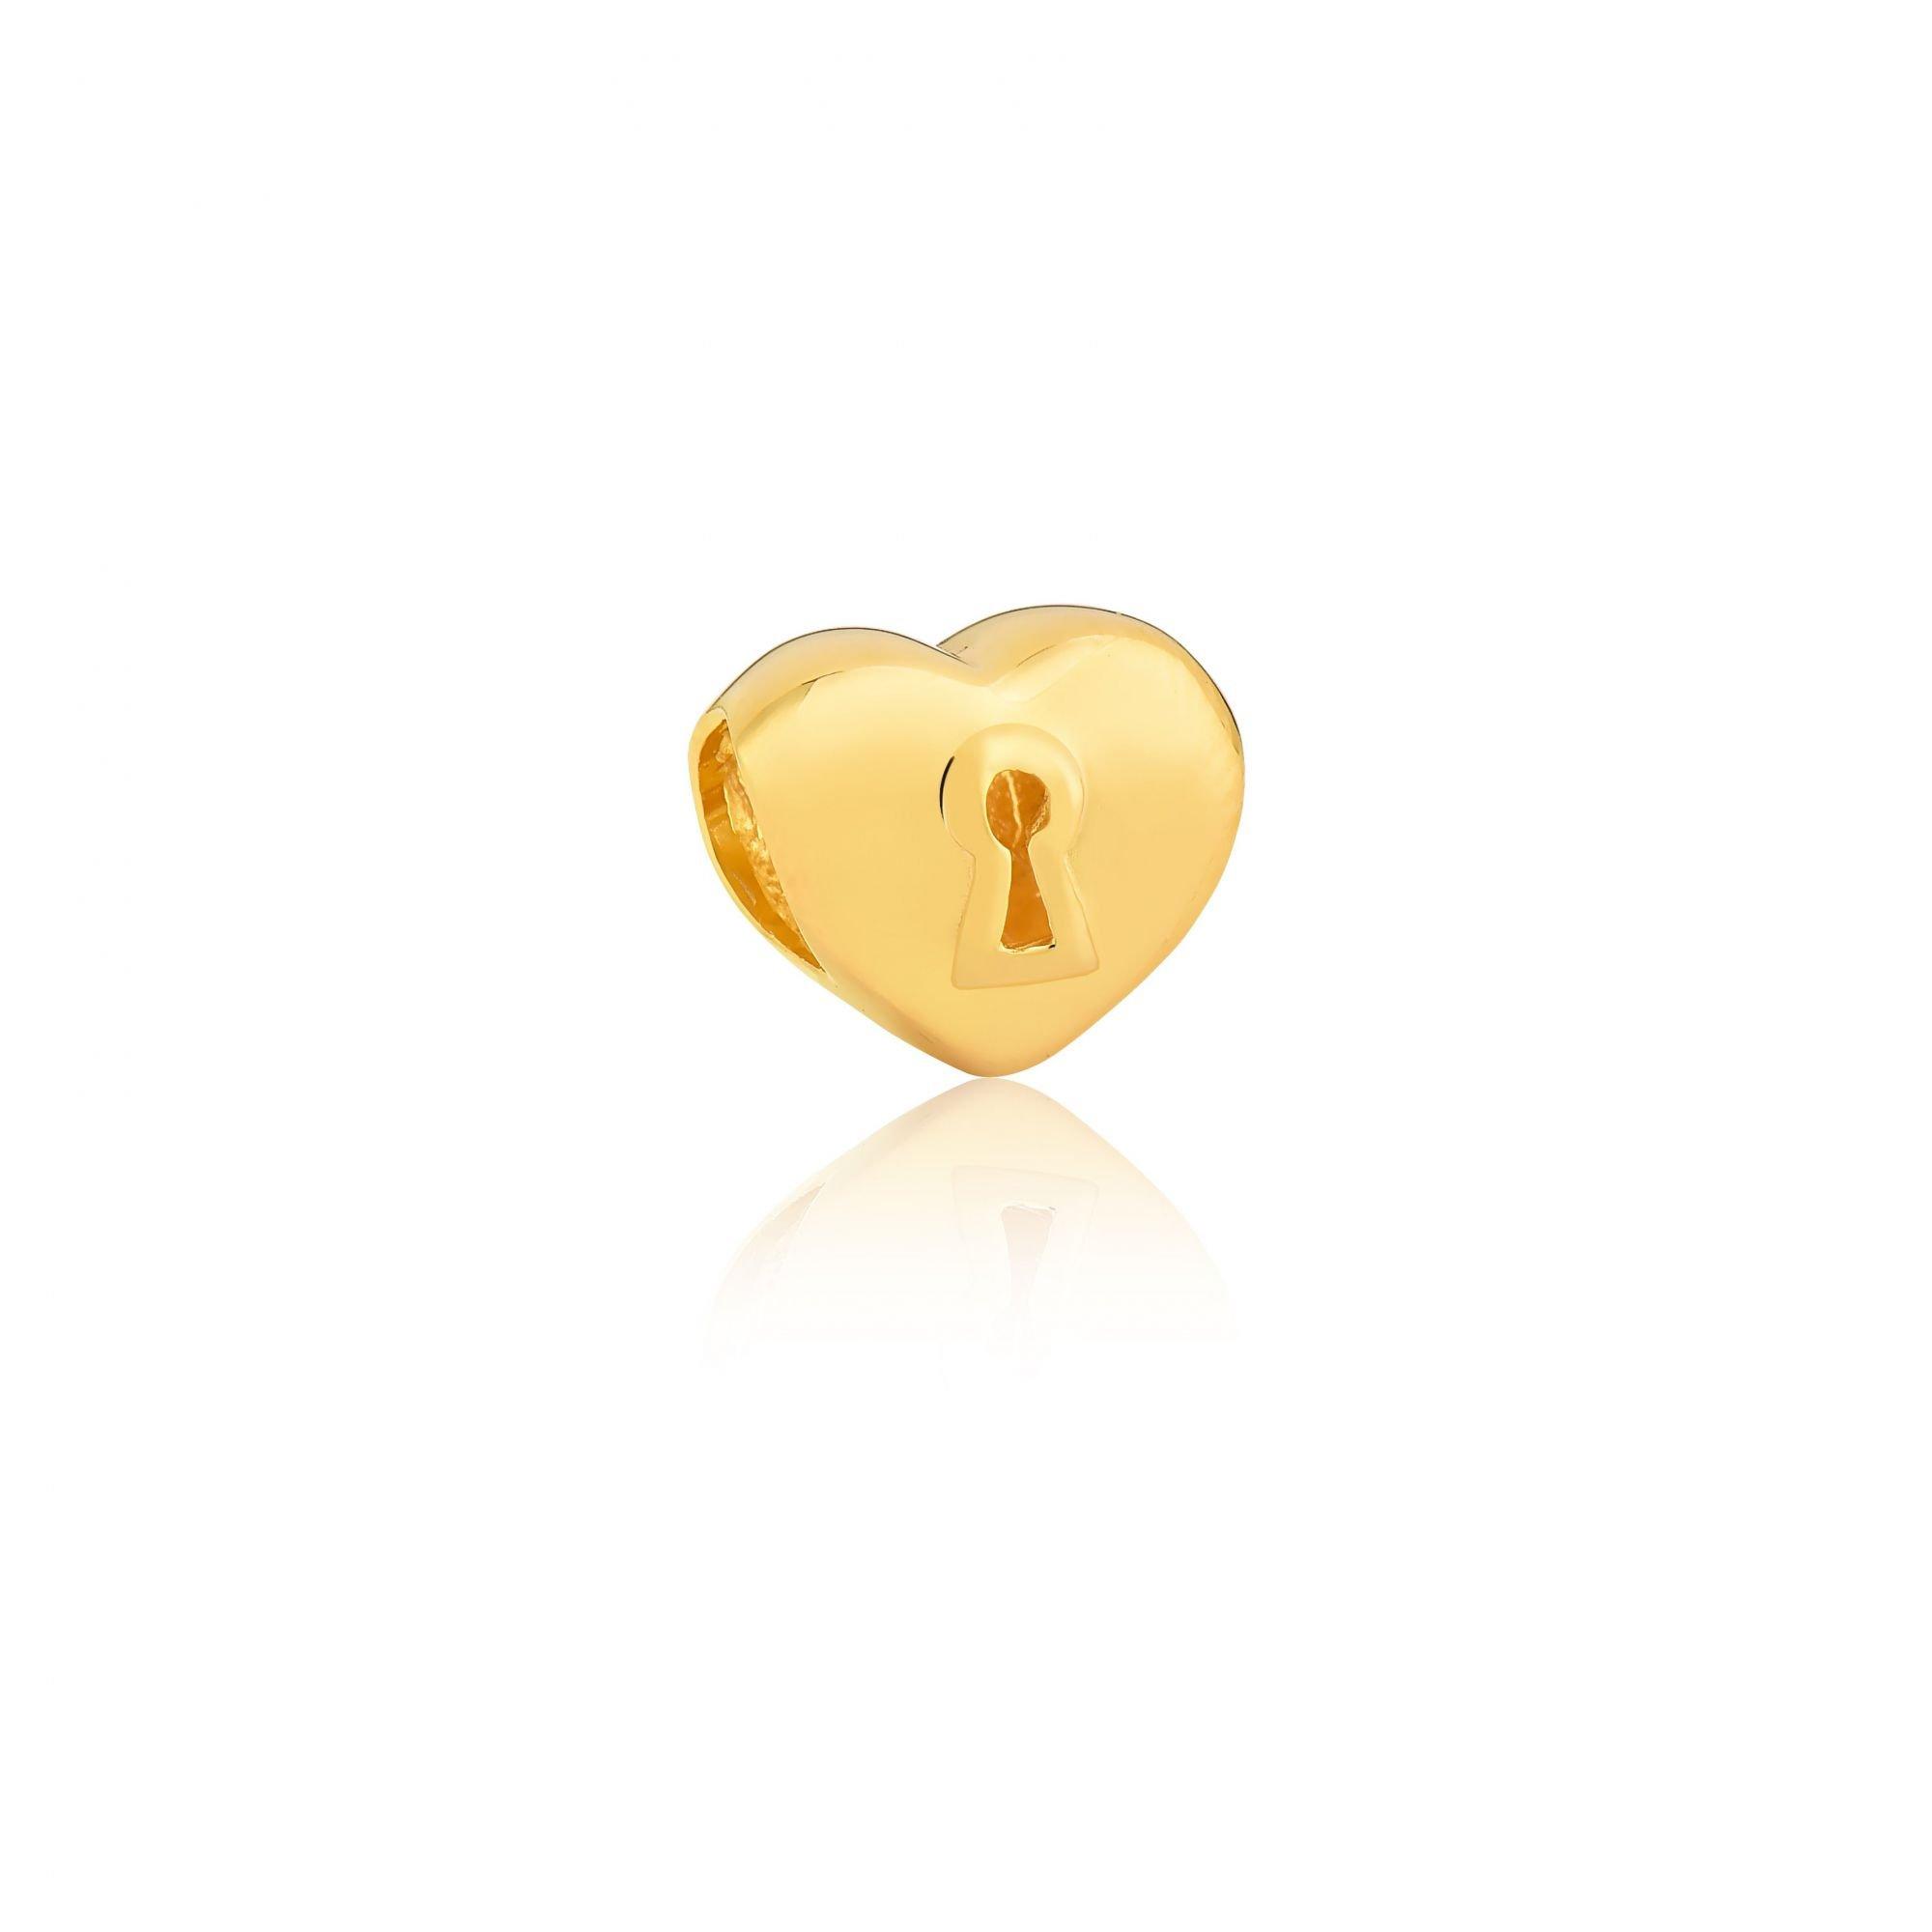 Berloque Coração com Fechadura Dourado